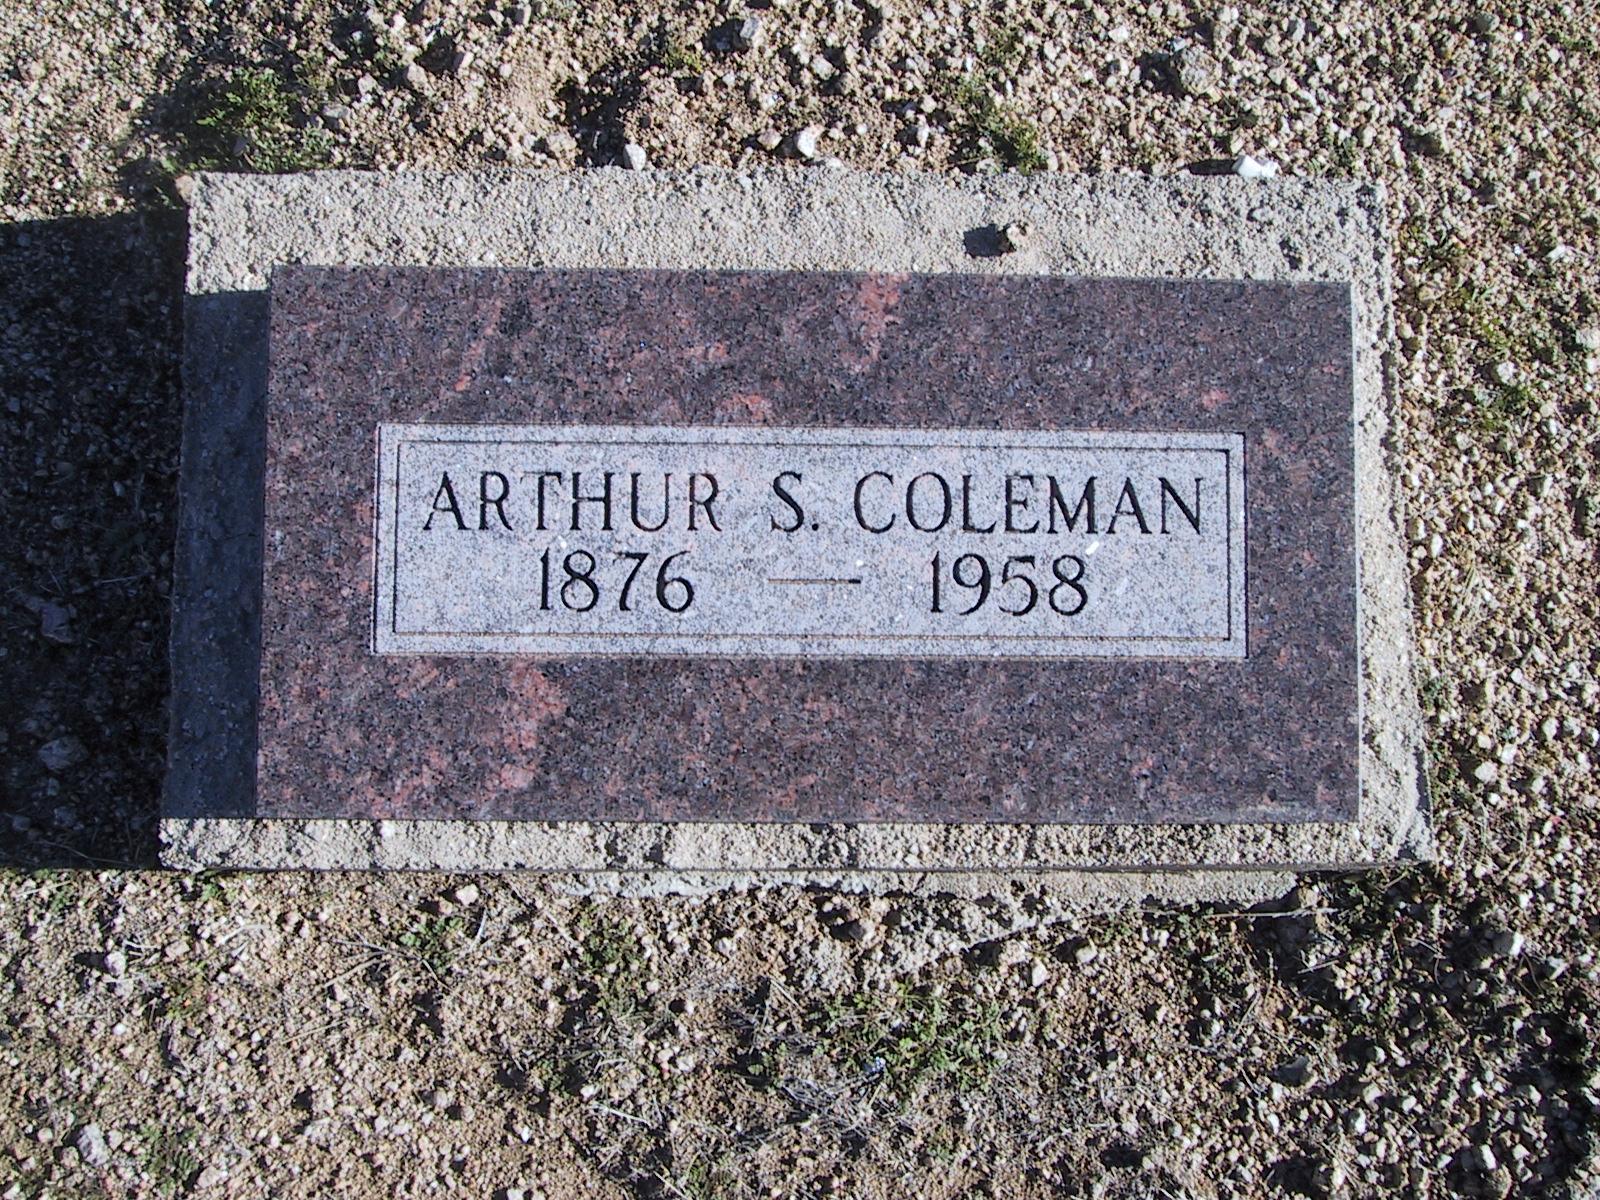 Arthur S. Coleman 1976-1958